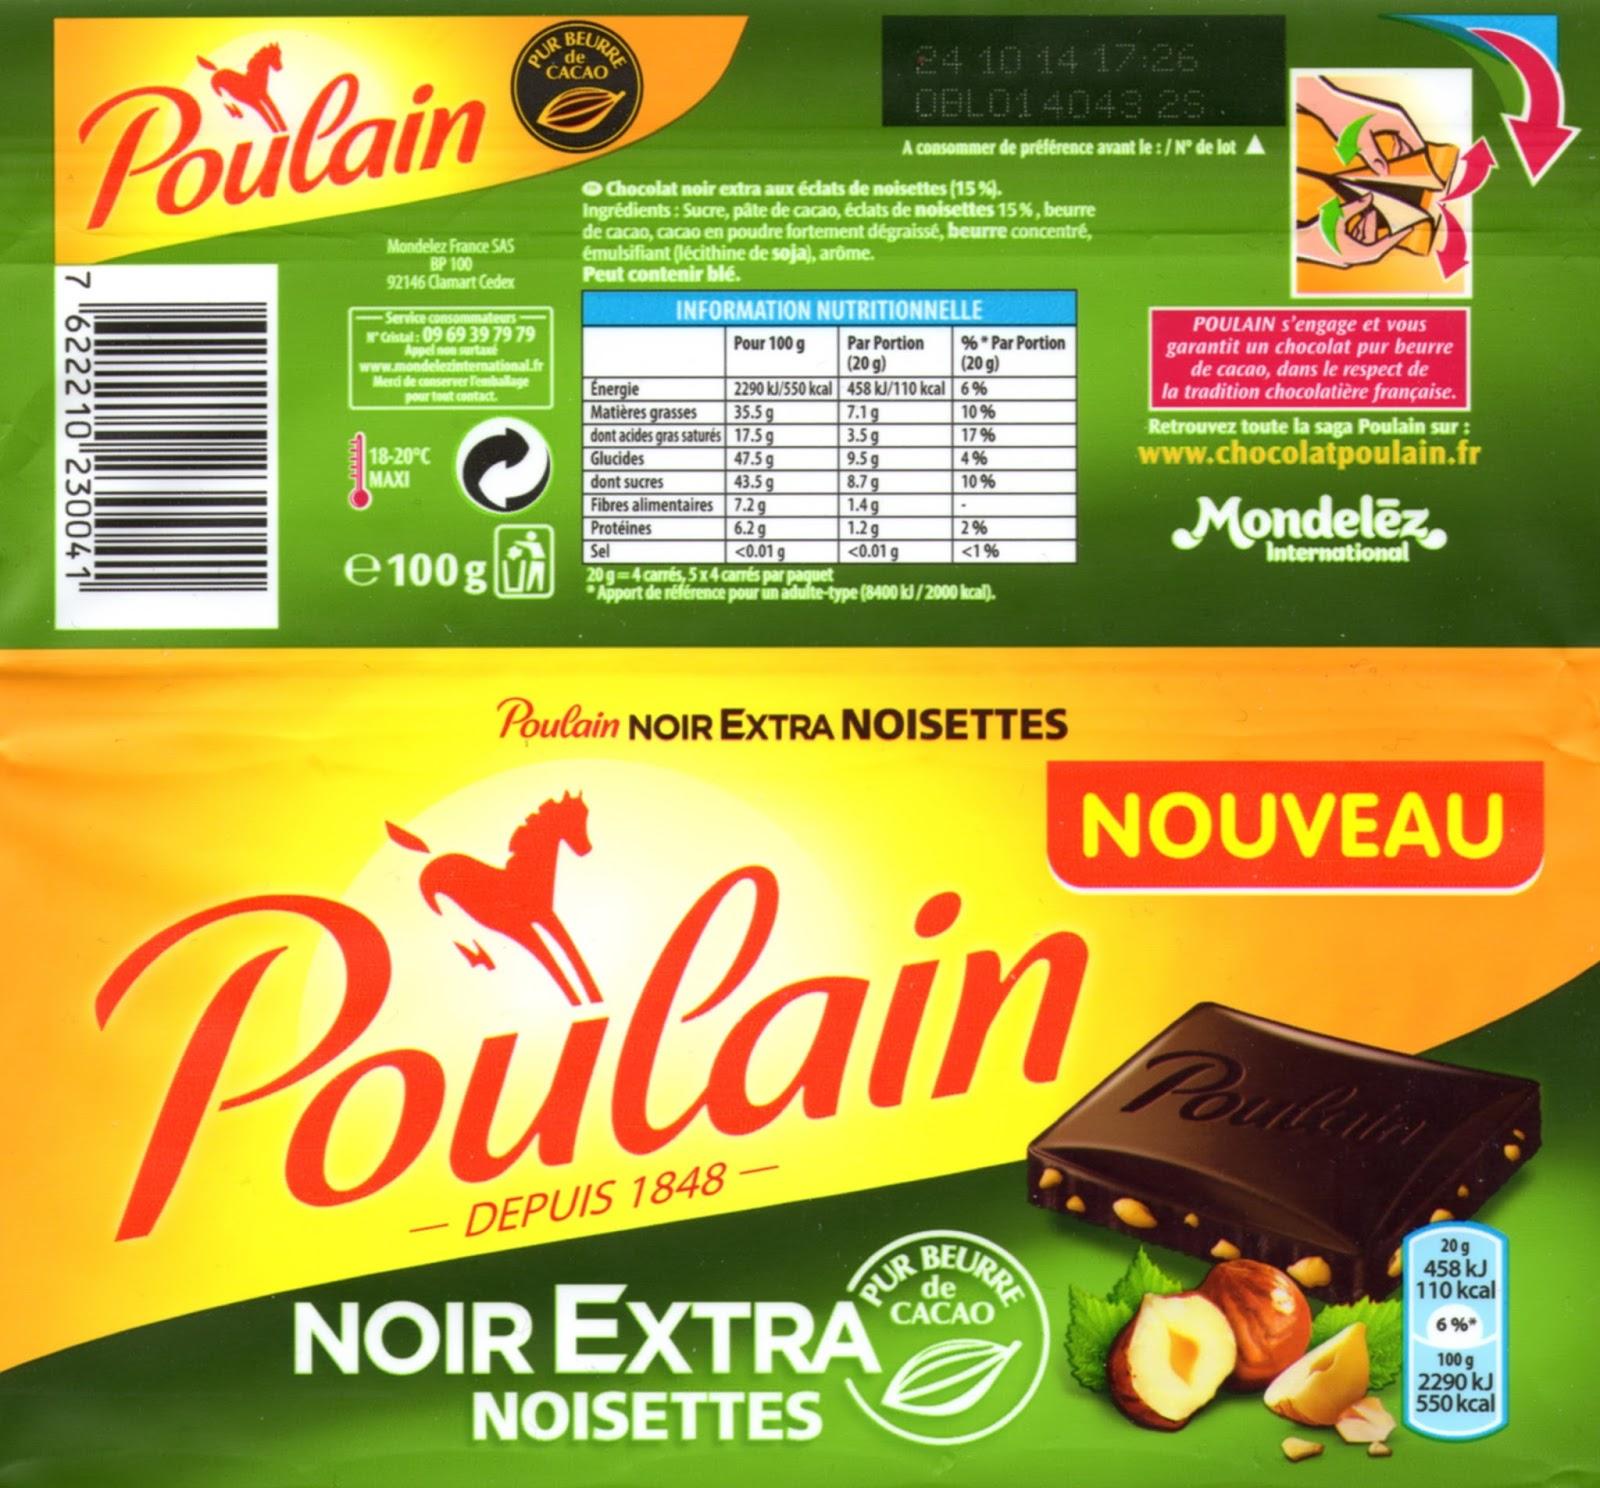 tablette de chocolat noir gourmand poulain noir extra noisettes